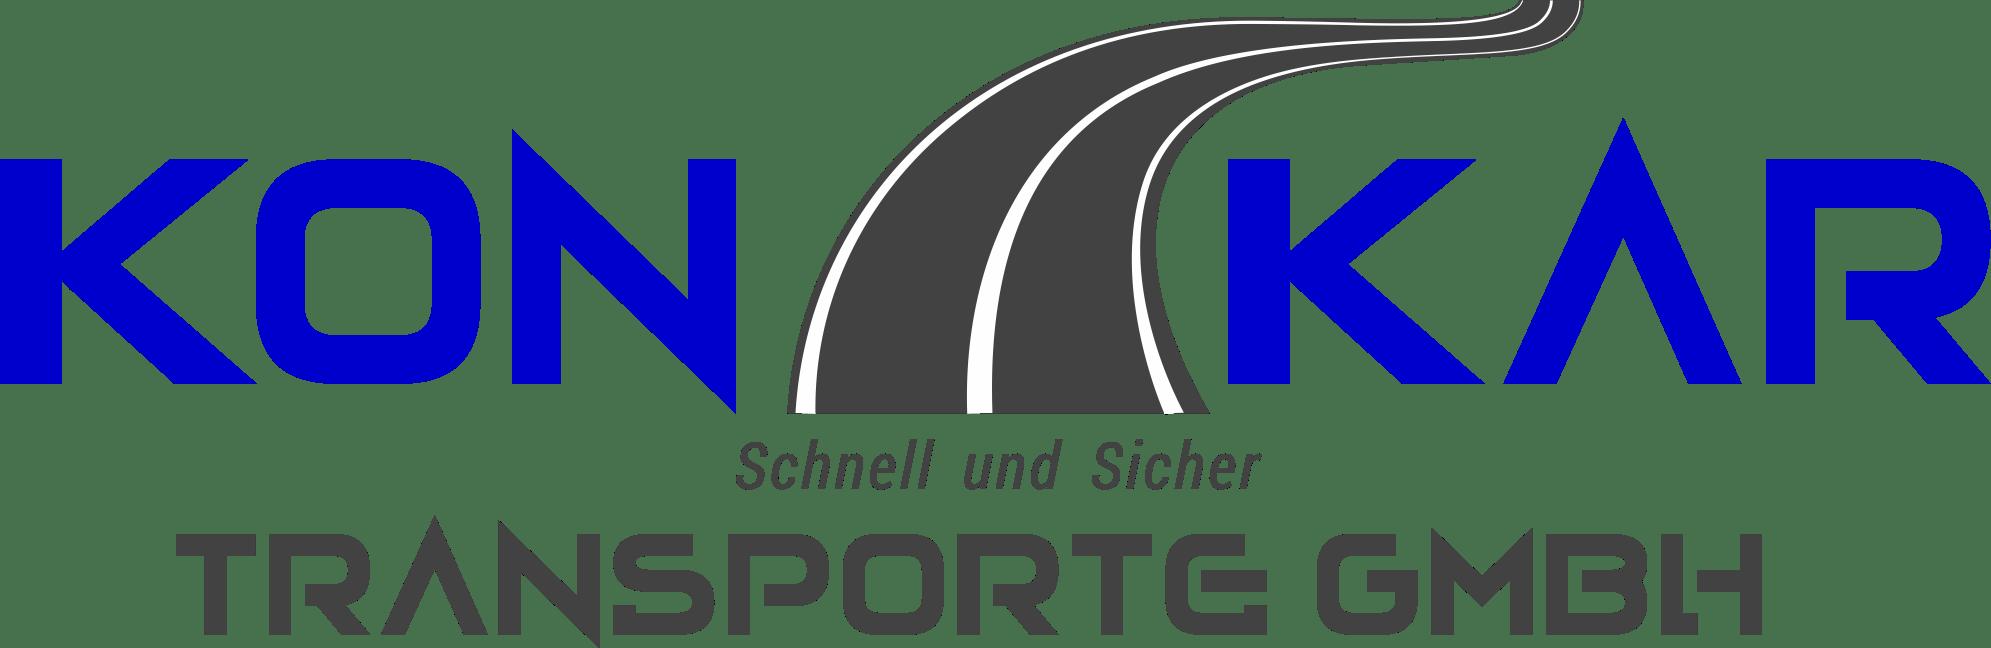 KON- KAR Transporte GmbH